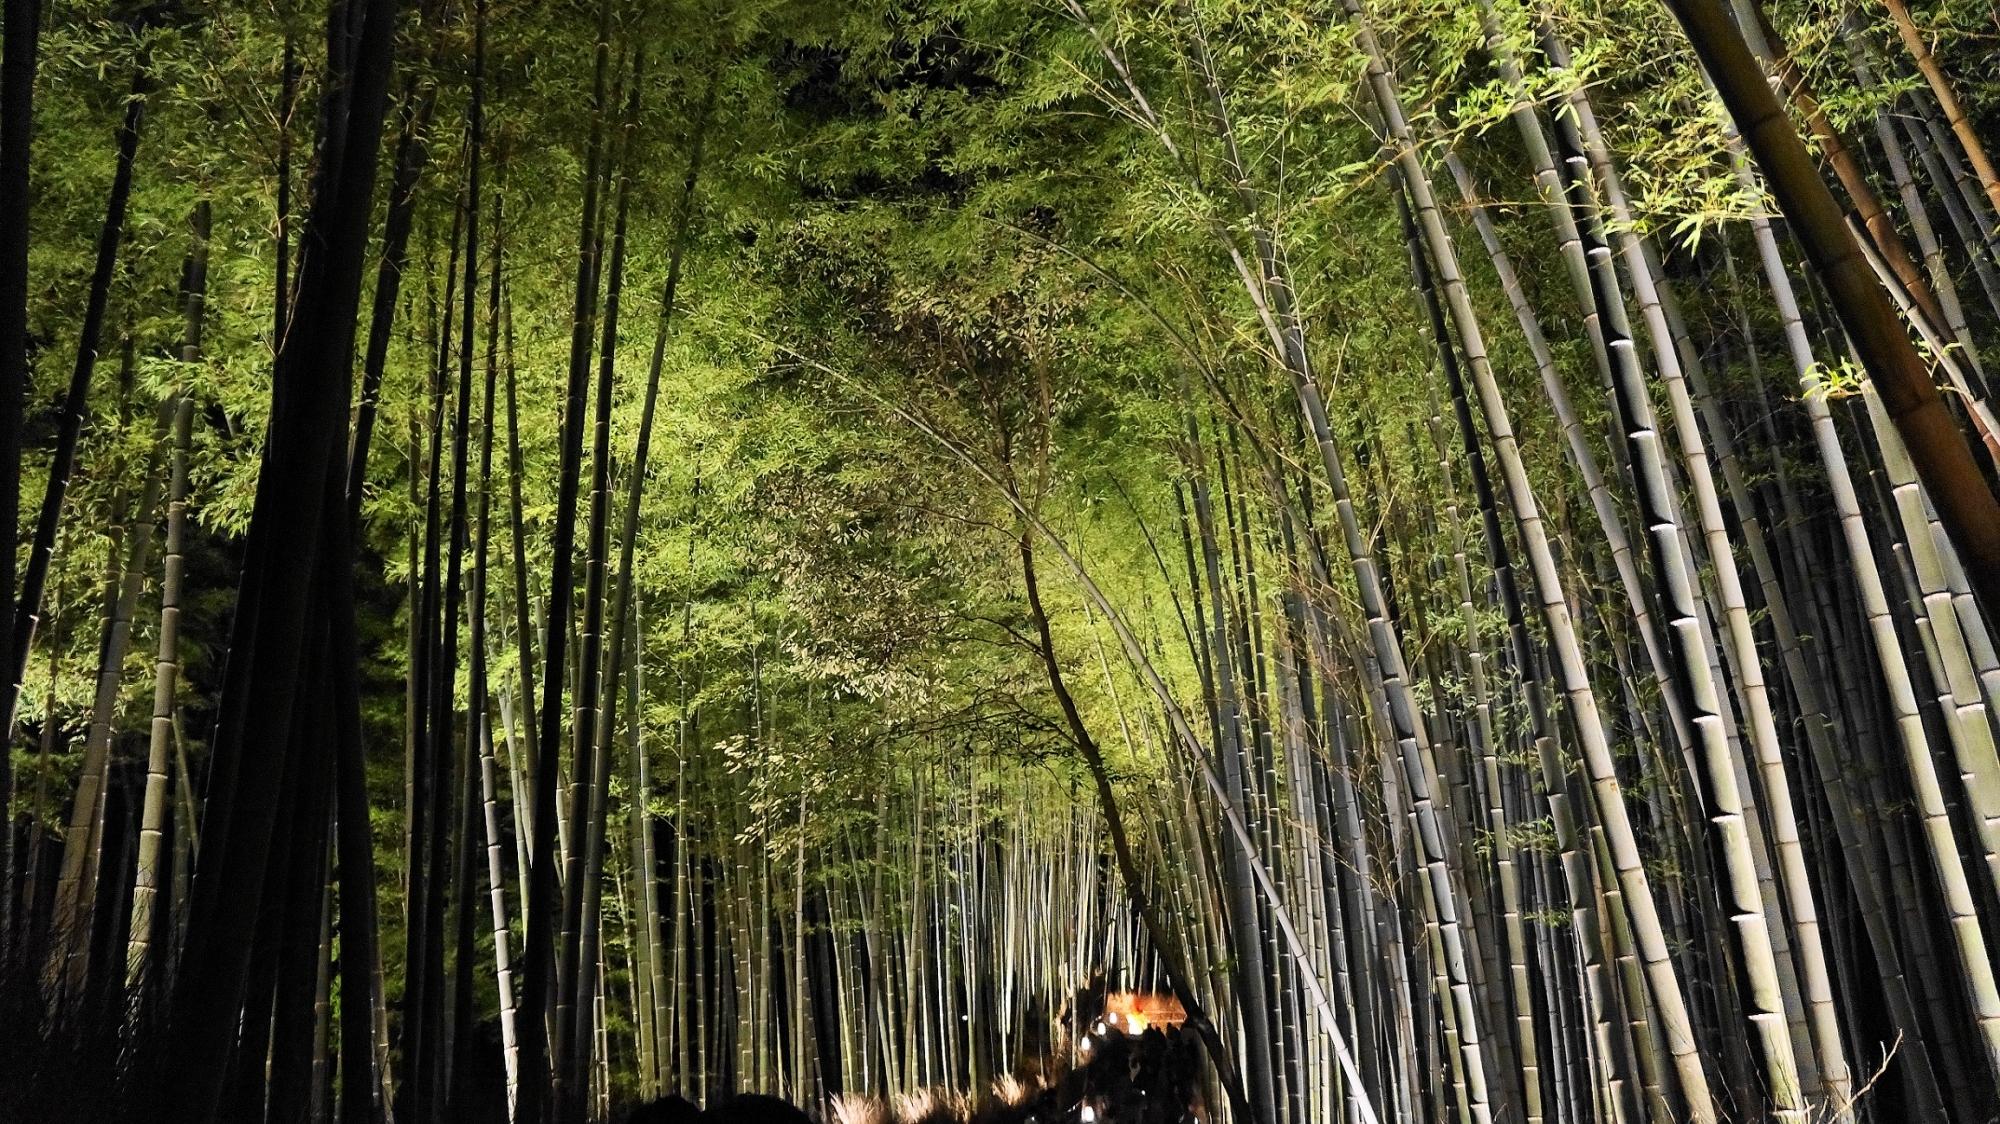 嵐山花灯路の神秘的な竹林ライトアップ